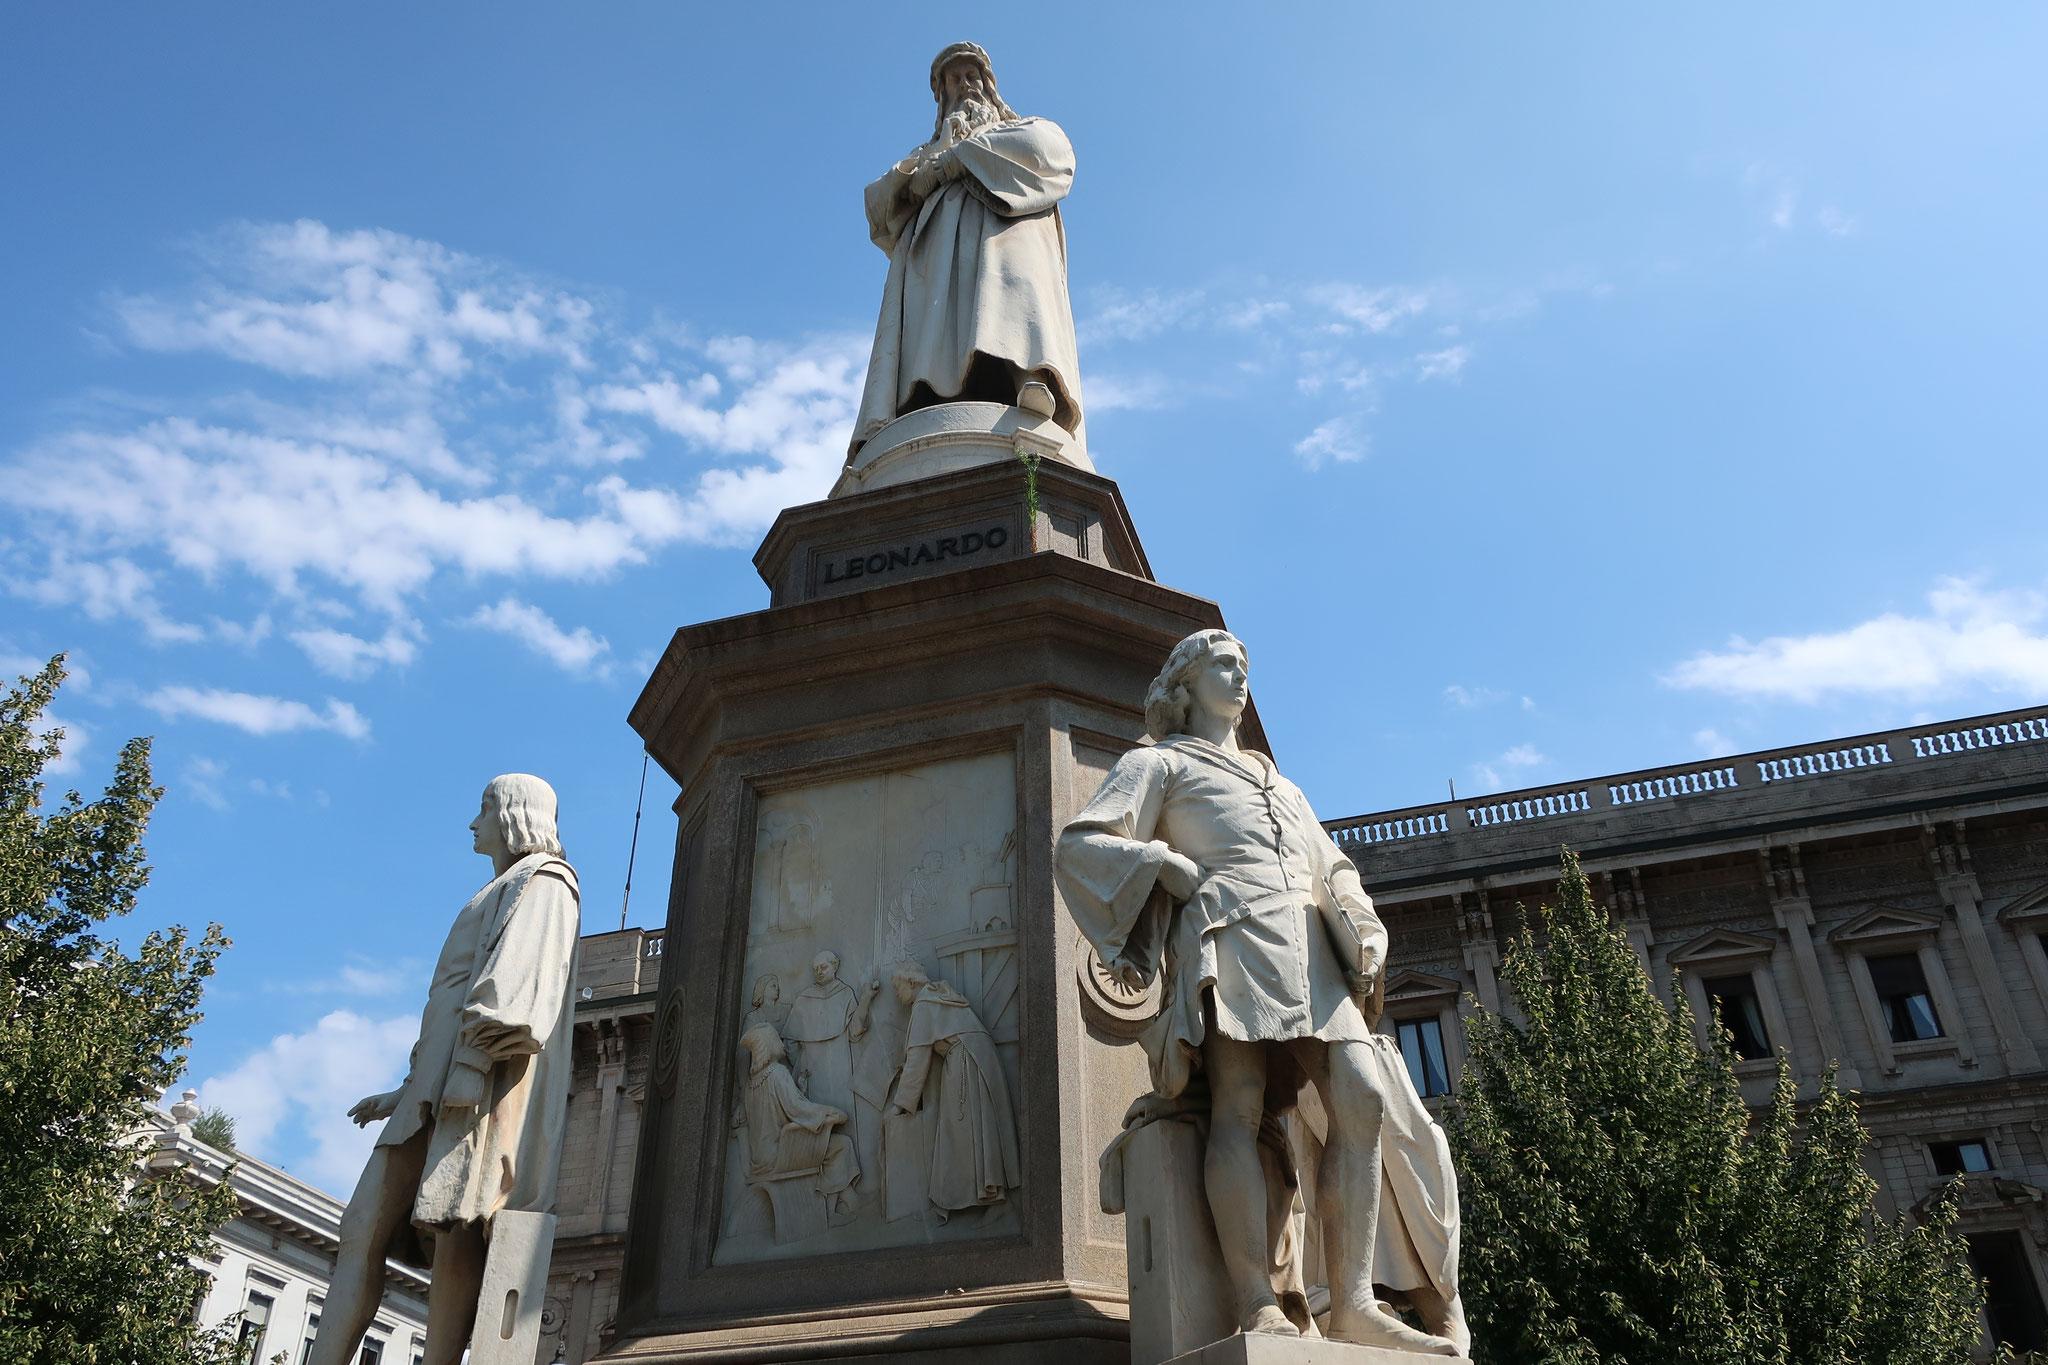 スカラ広場に立つレオナルド・ダ・ヴィンチと4人の弟子達の像